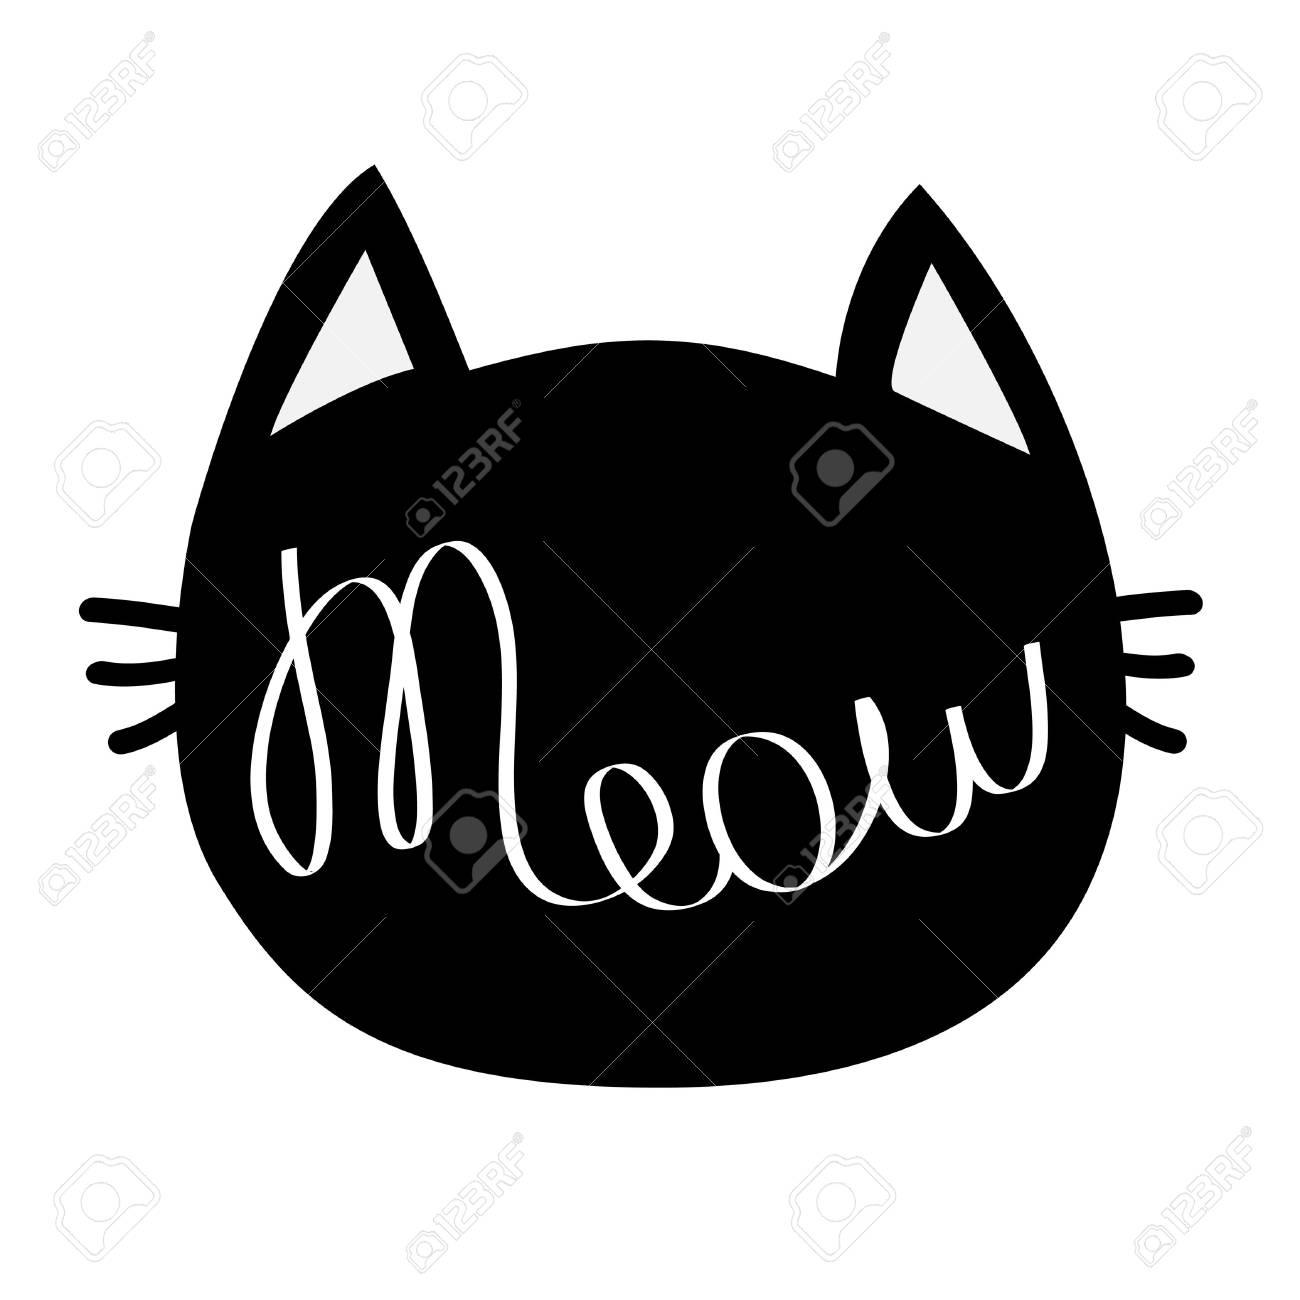 Tete De Chat Noire Meow Lettrage Du Texte De Contour Silhouette De